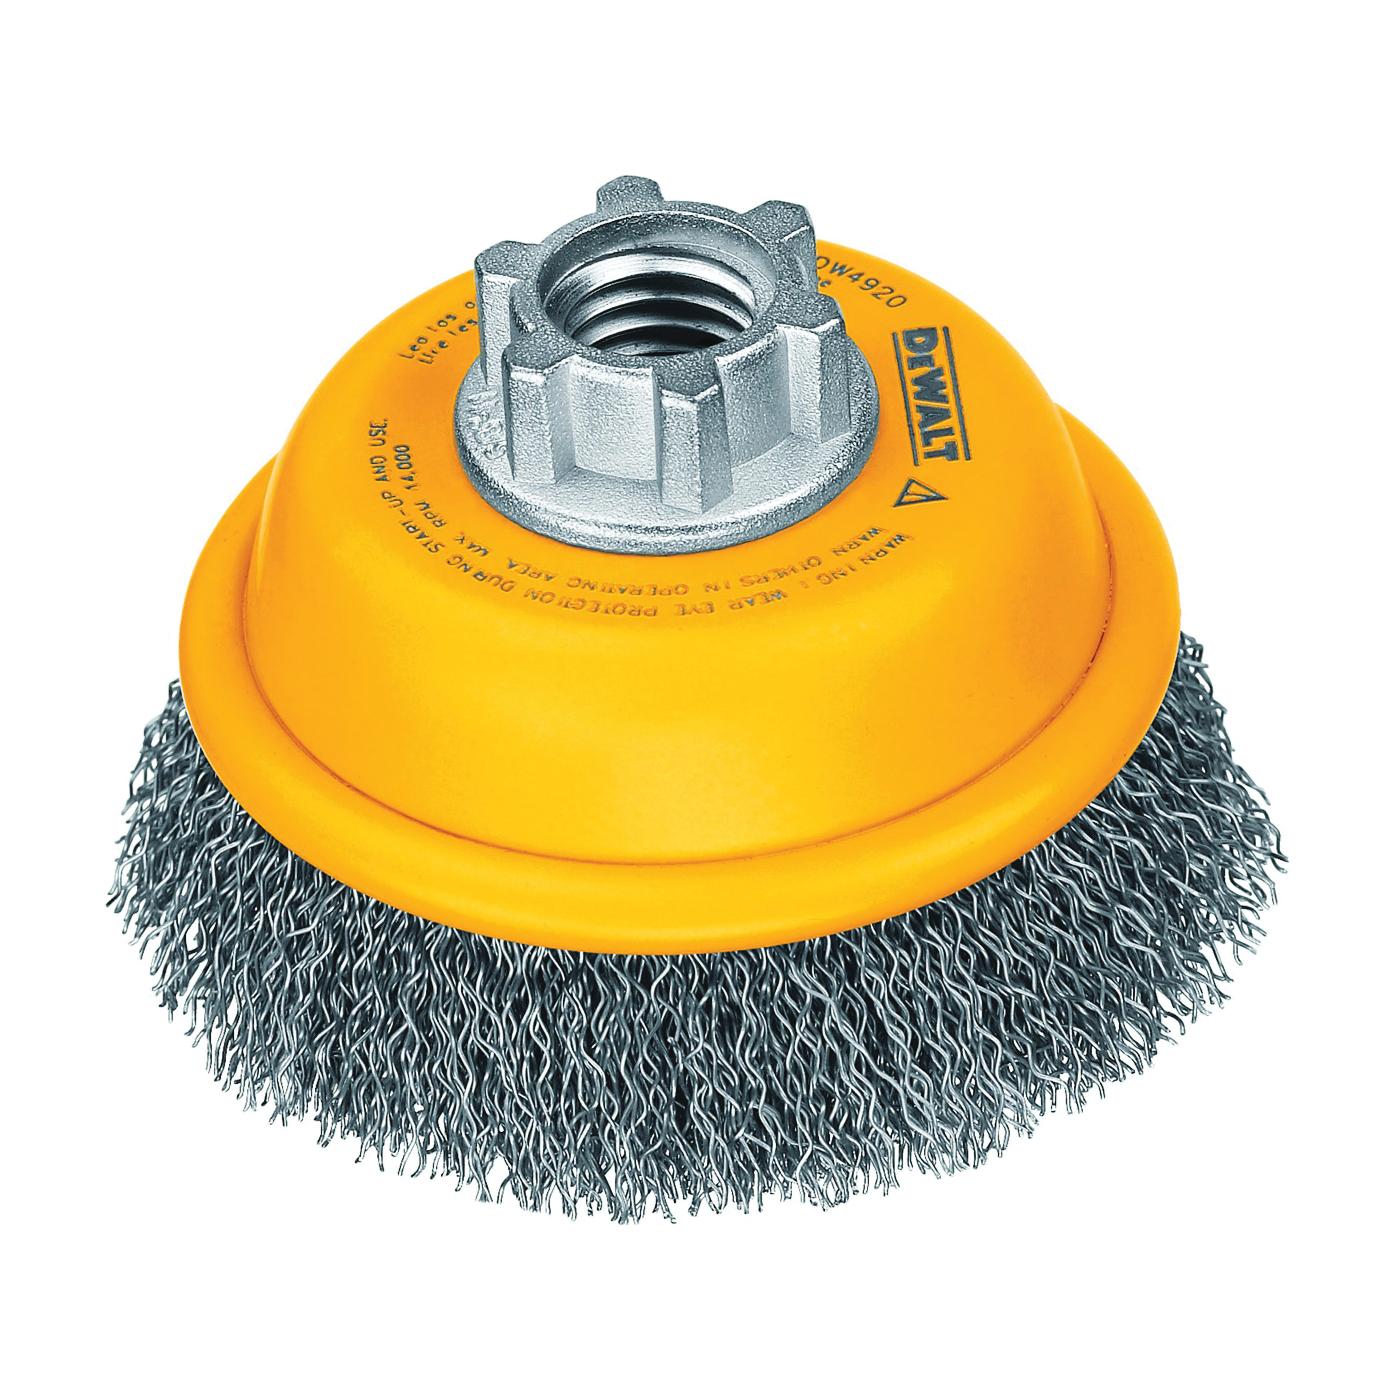 Picture of DeWALT DW4920 Wire Cup Brush, 3 in Dia, 5/8-11 Arbor/Shank, 0.014 in Dia Bristle